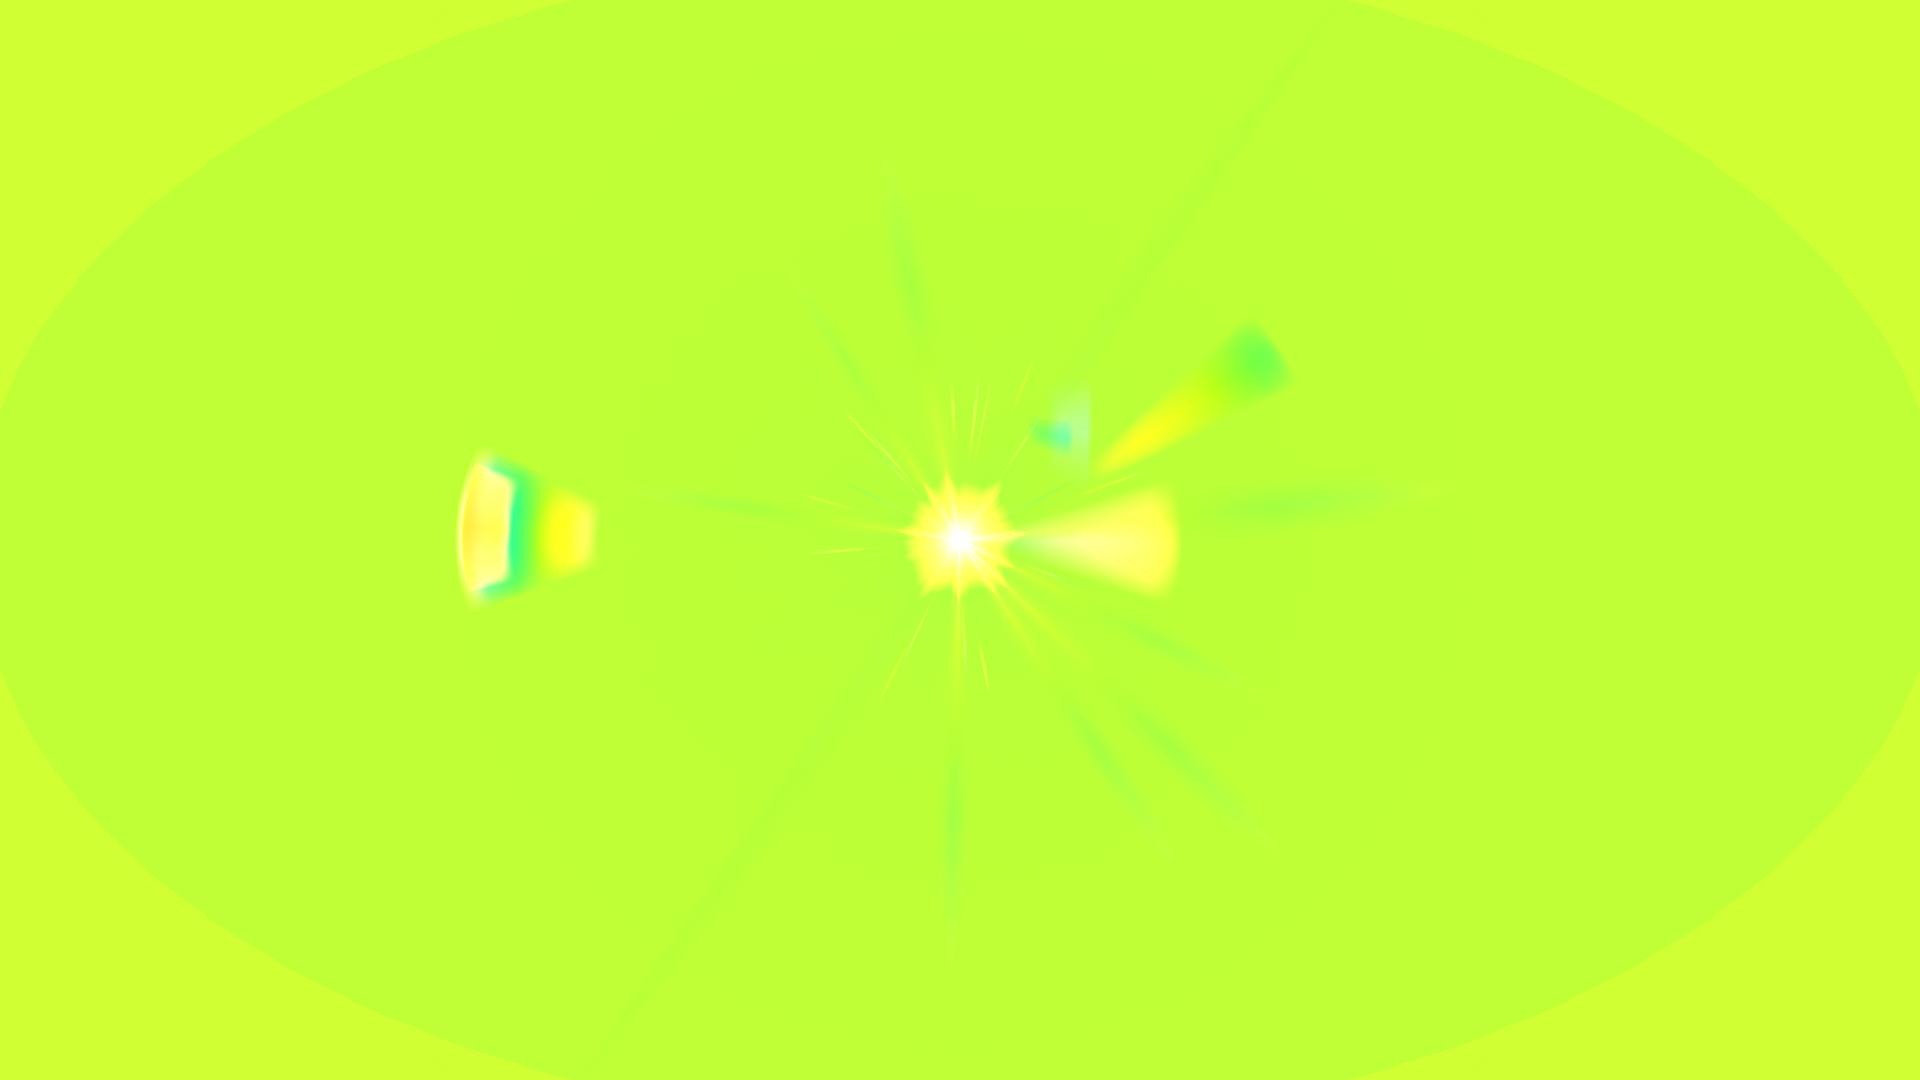 Download Red Glowing Eyes Meme Transparent Png Gif Base Eyes Meme Gimp Tutorial Memes